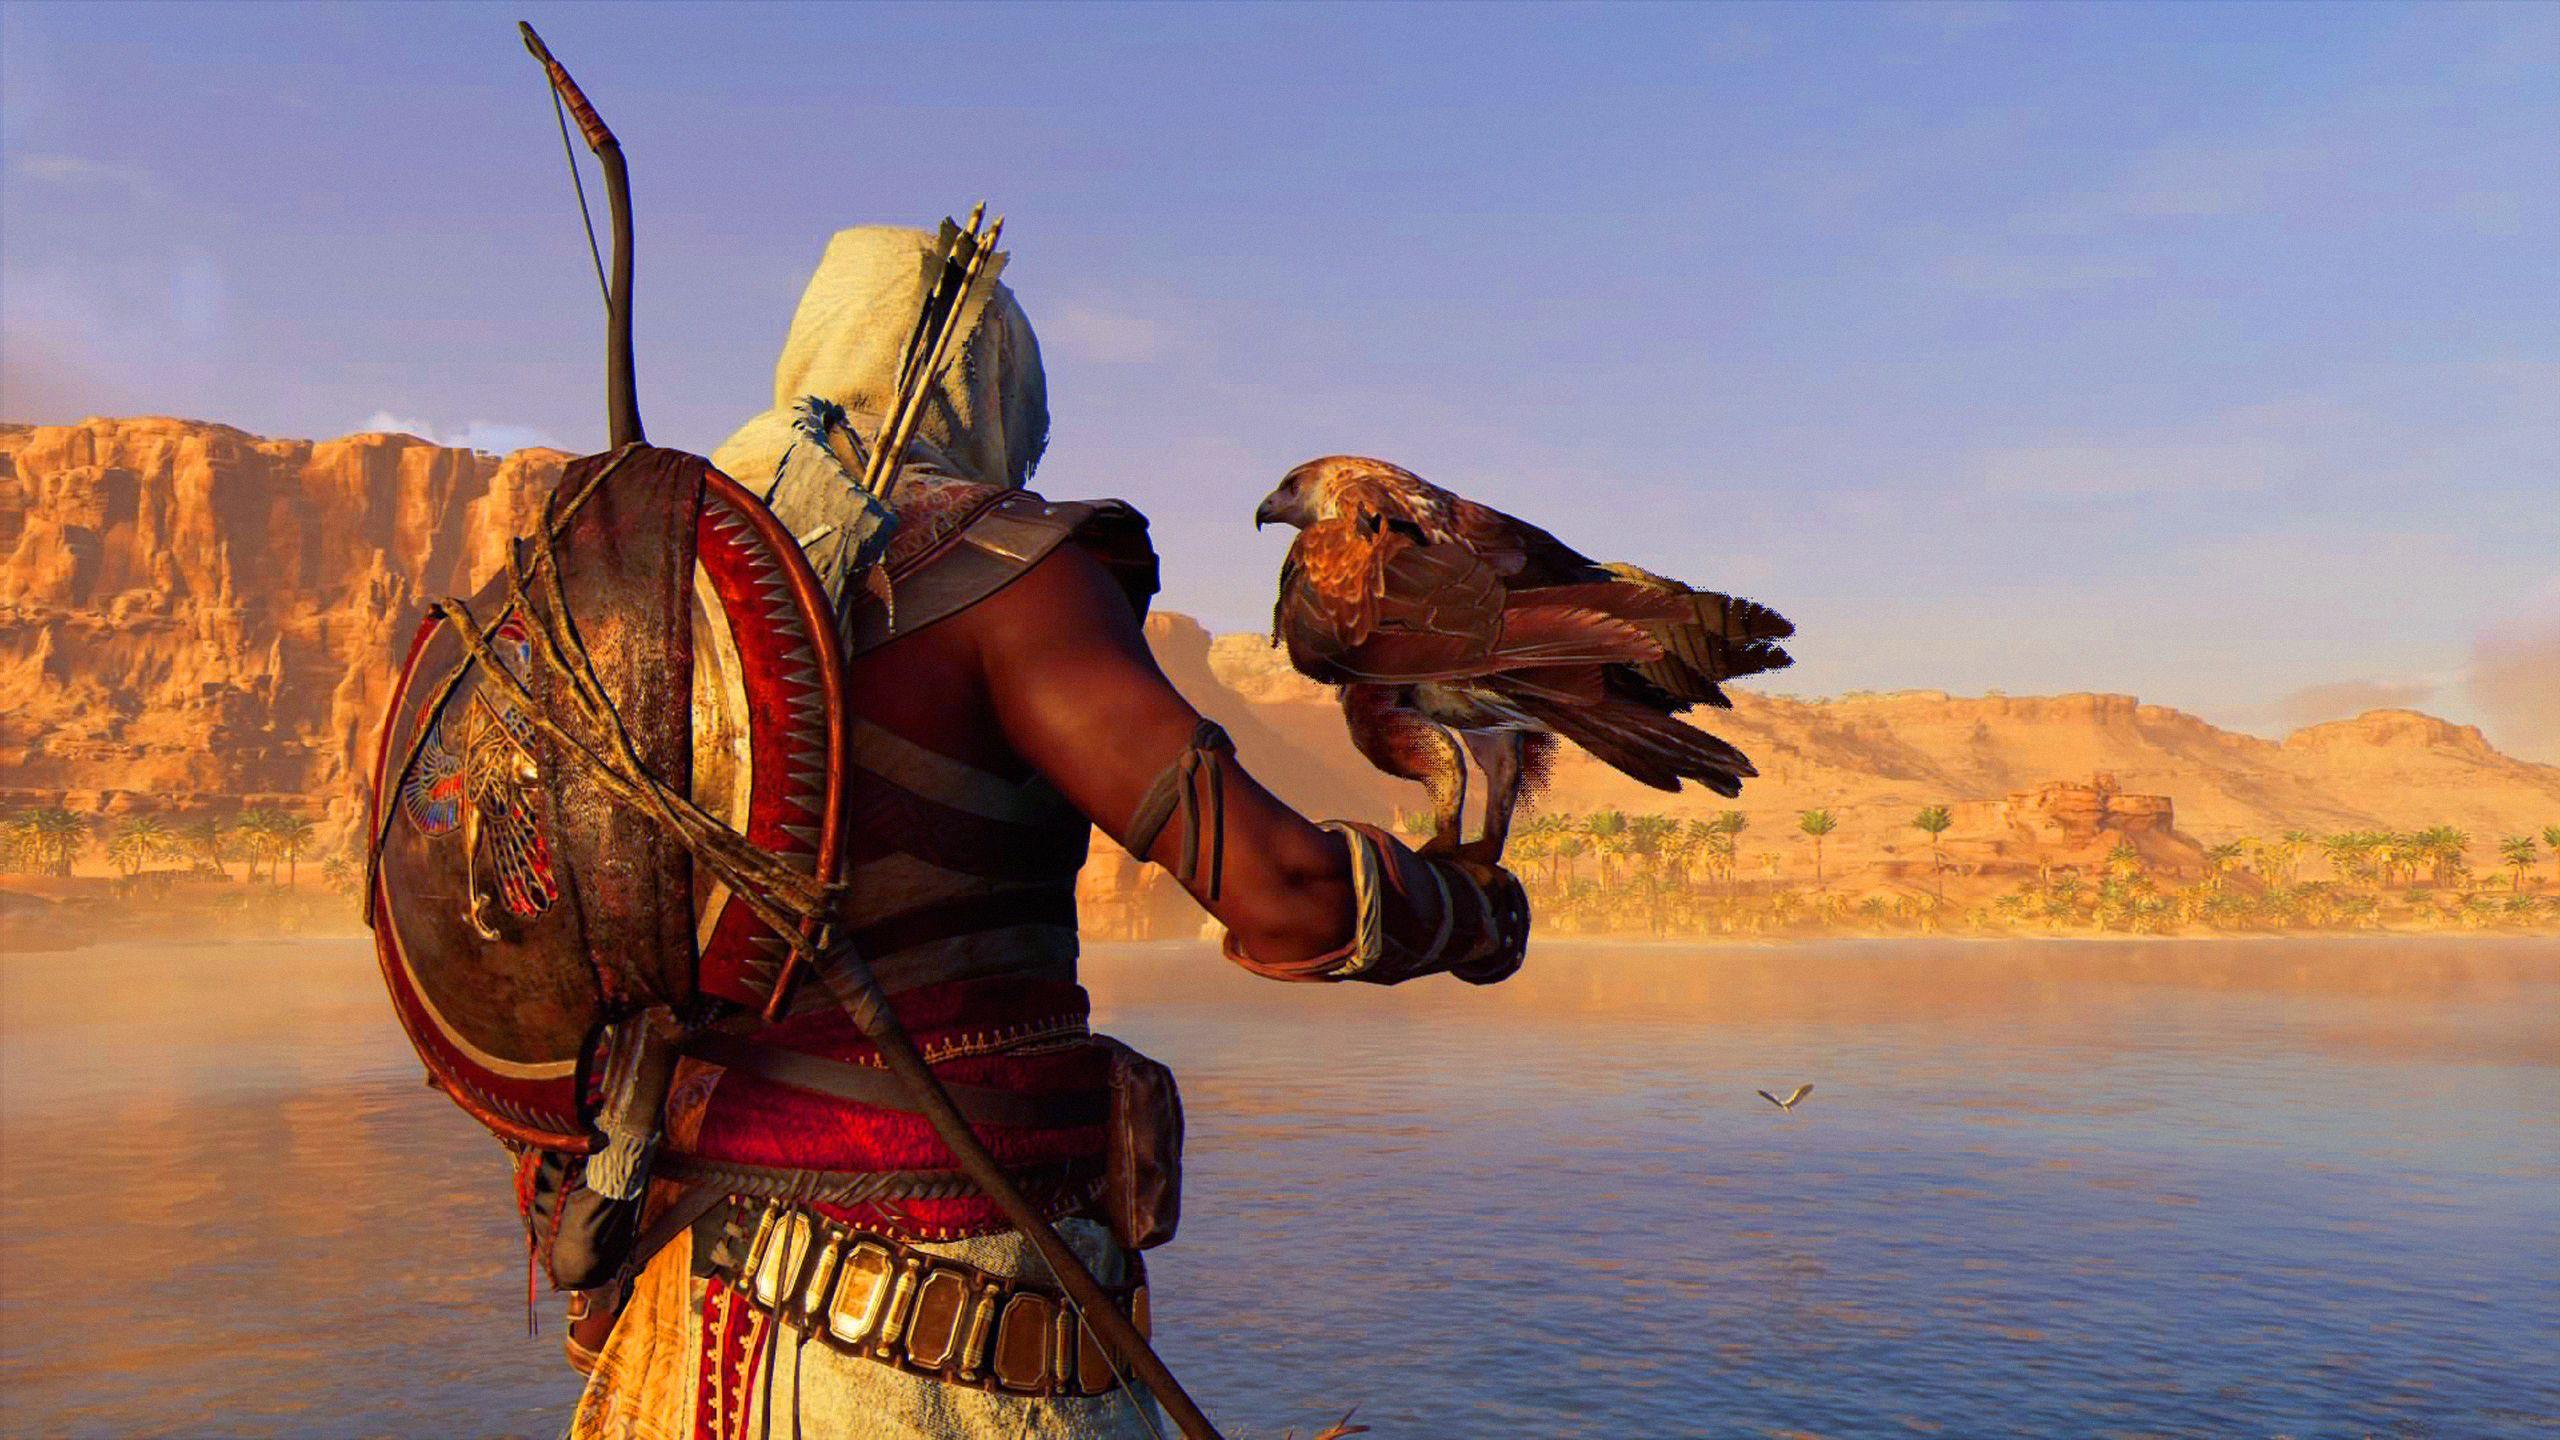 gaming desktop wallpaper